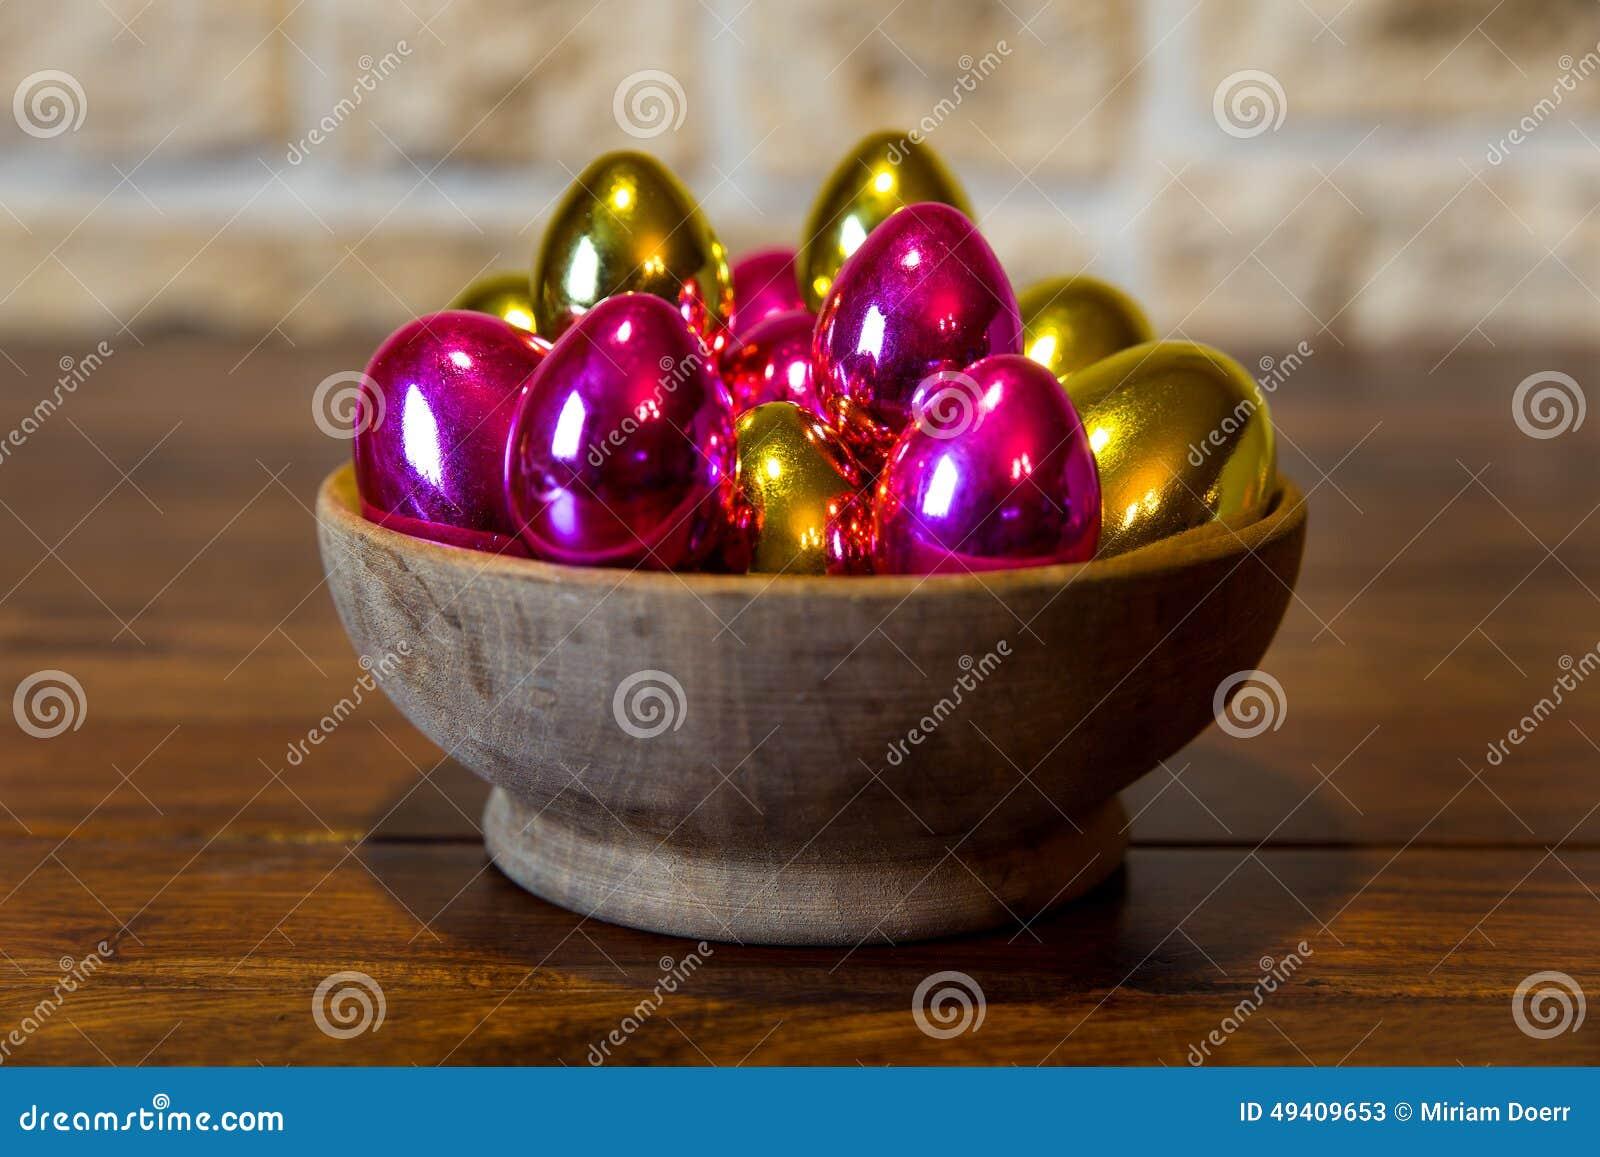 Download Goldene und rosa Ostereier stockbild. Bild von gold, abschluß - 49409653